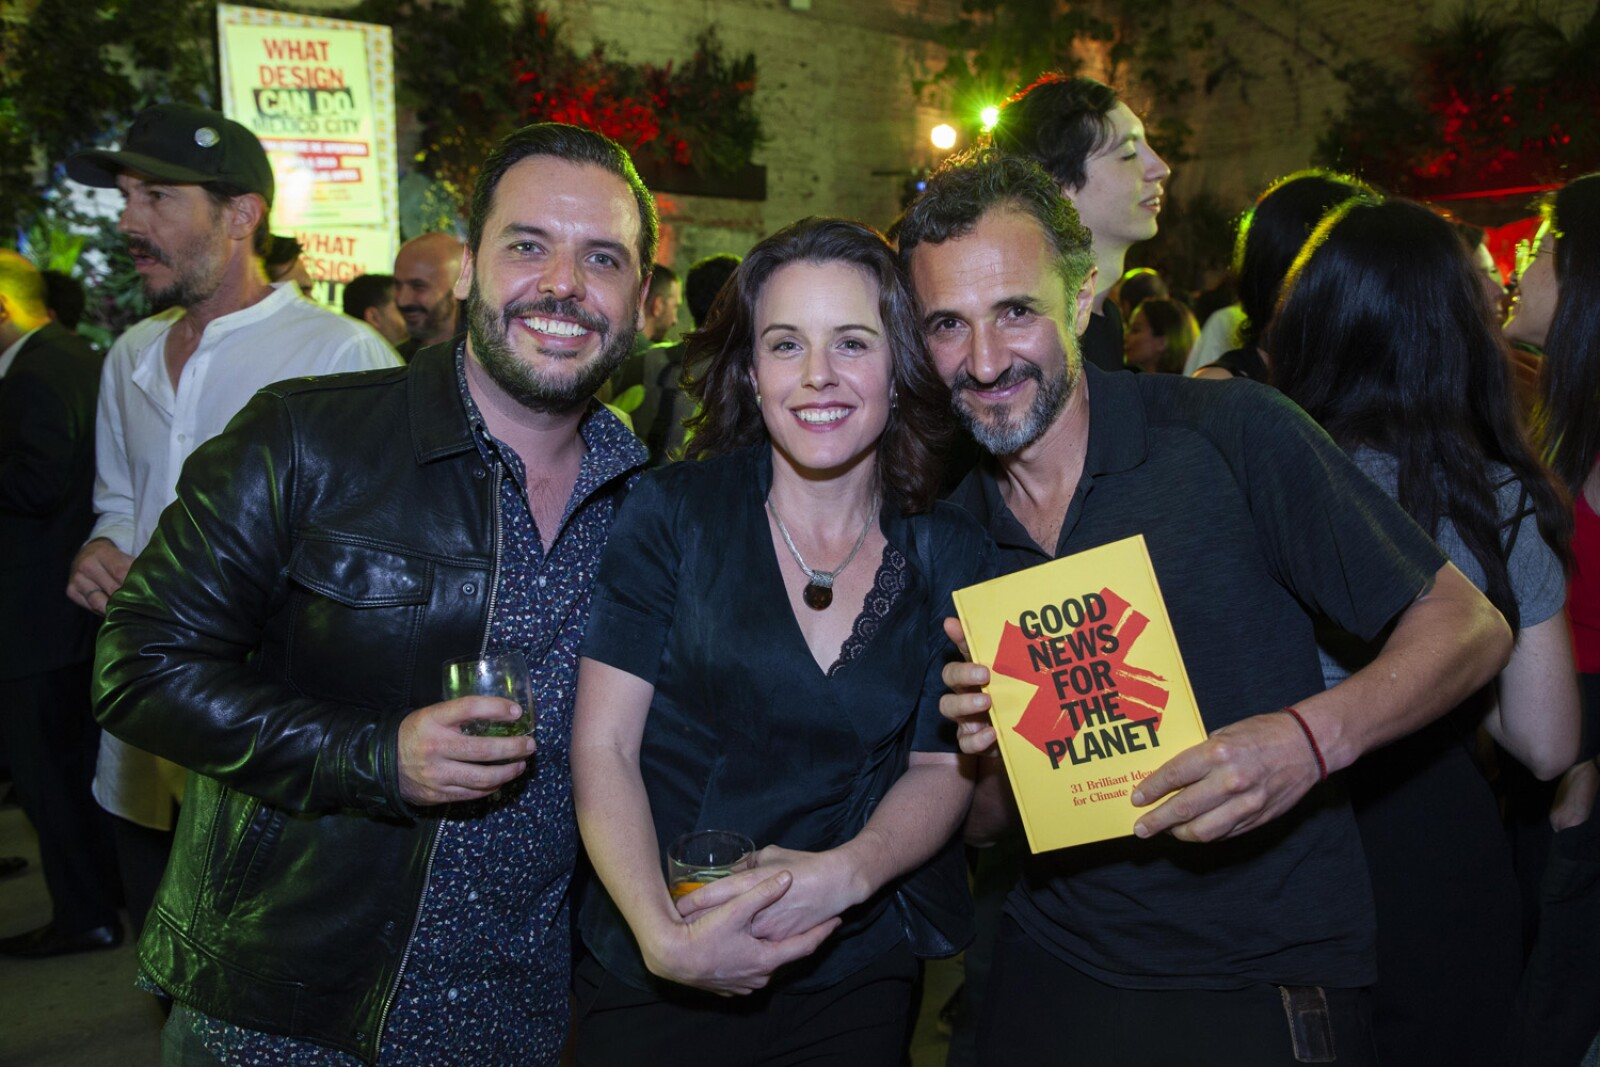 Juan Pablo Ybarra, Ana Bellinghausen, Alan Ibarra